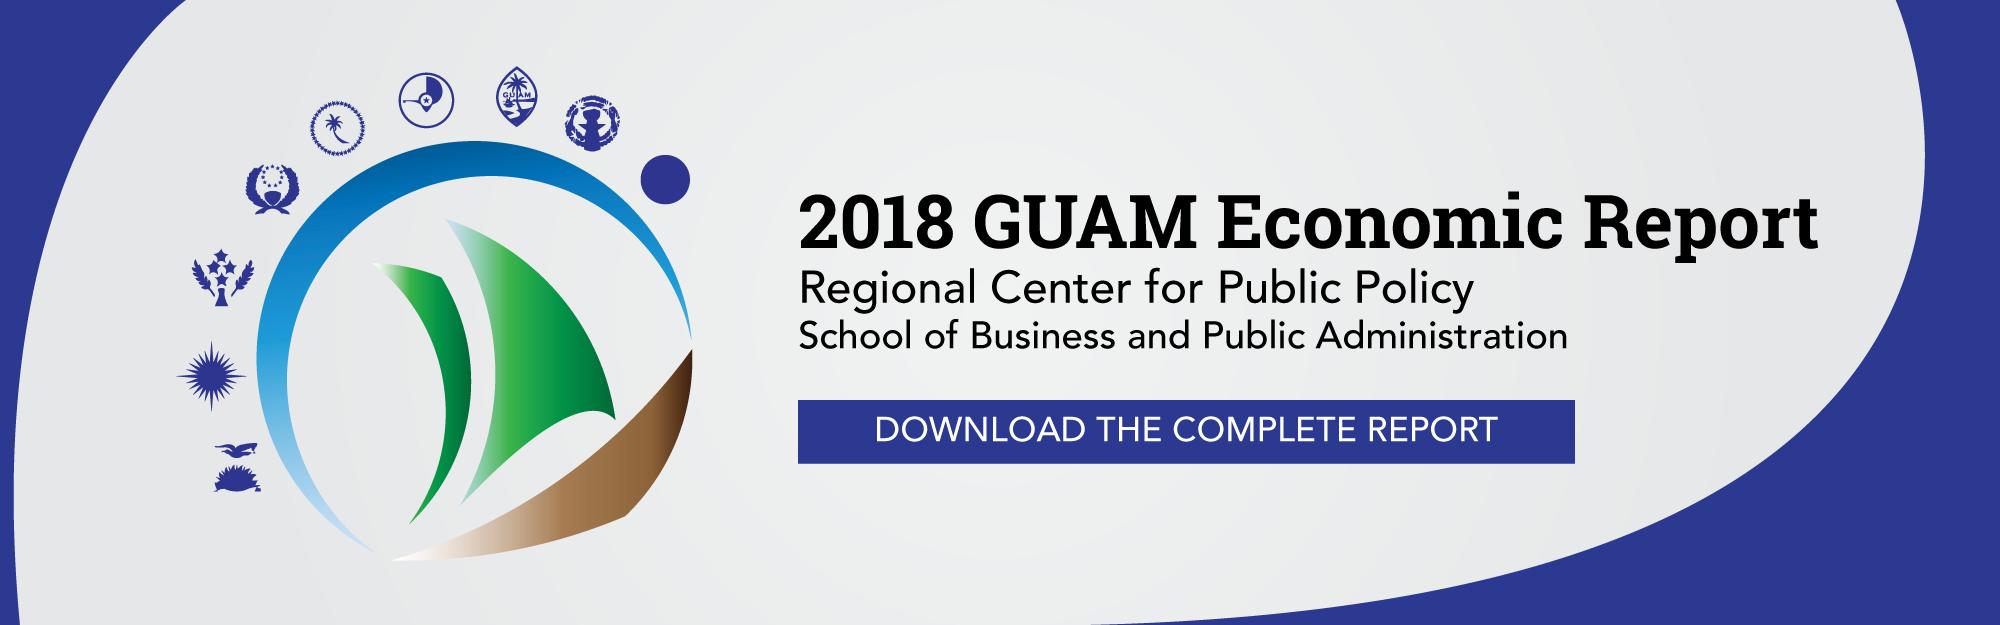 2018 Guam Economic Report